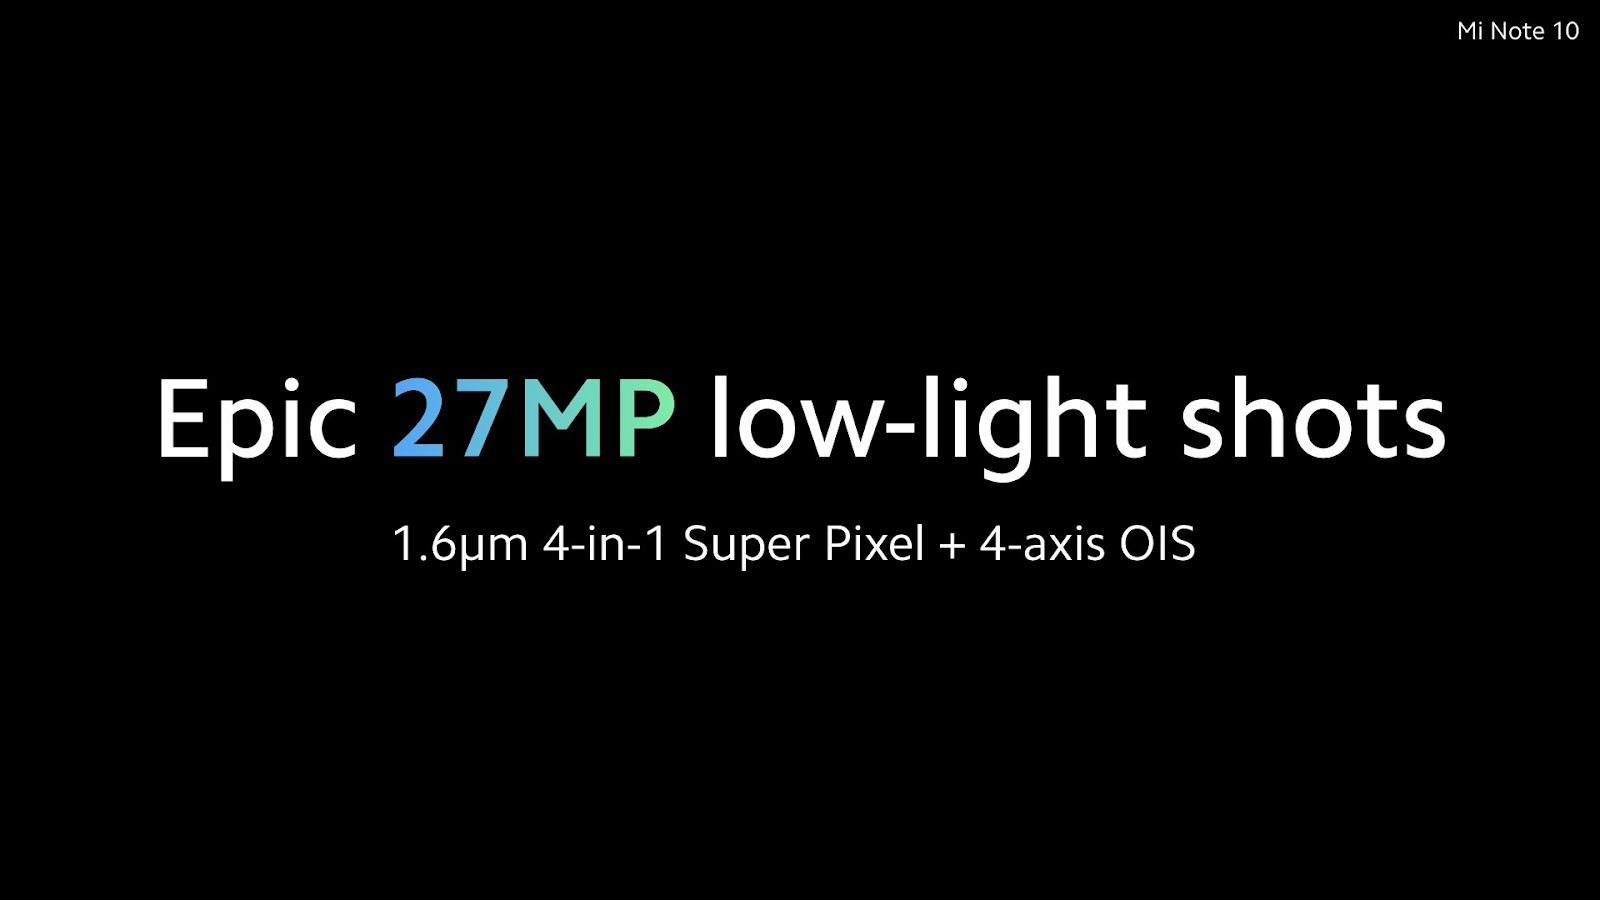 Mi CC 9 Pro (Mi Note 10) 一亿像素支持四合一 1.6μm 单位像素合成